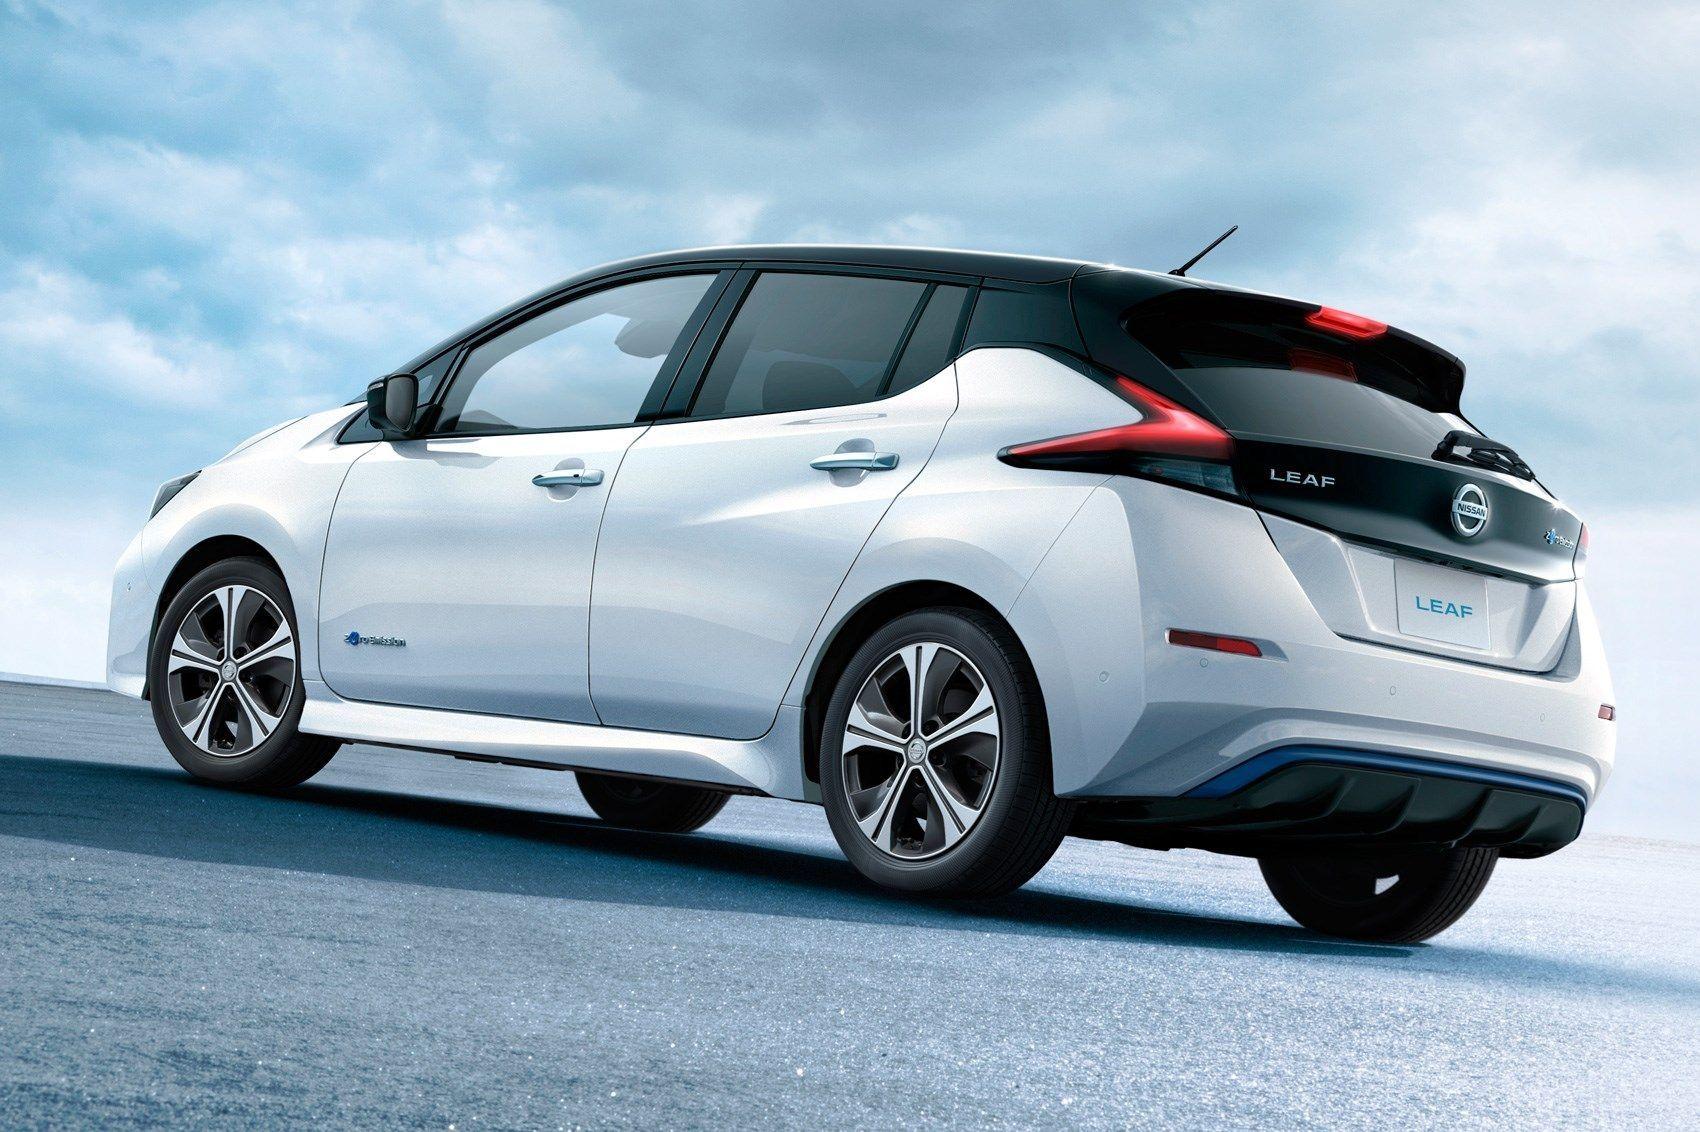 New 2019 Nissan Leaf Range Concept Nissan Leaf Nissan Sunny Hybrid Car